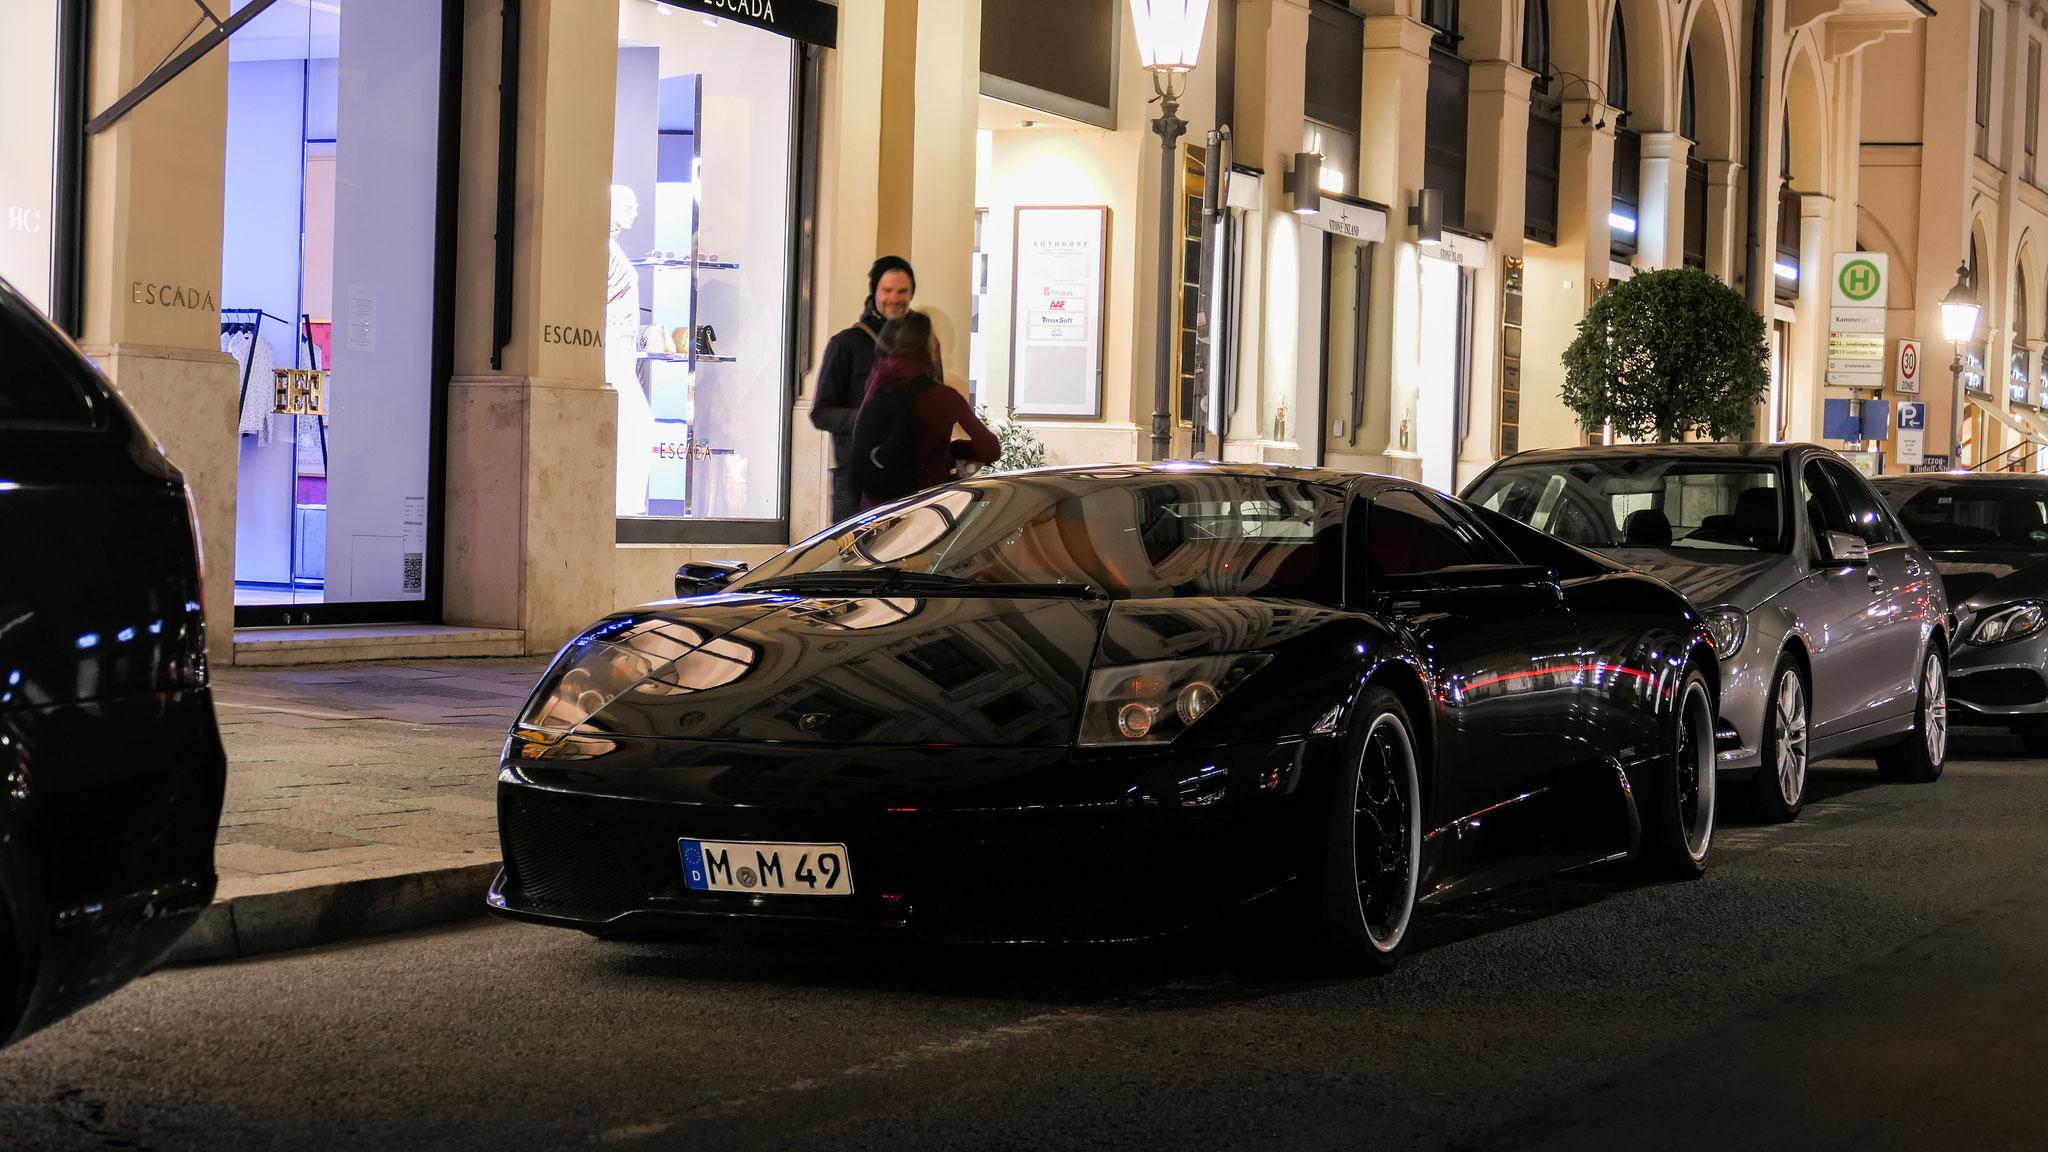 Lamborghini Murcielago - M-M-49